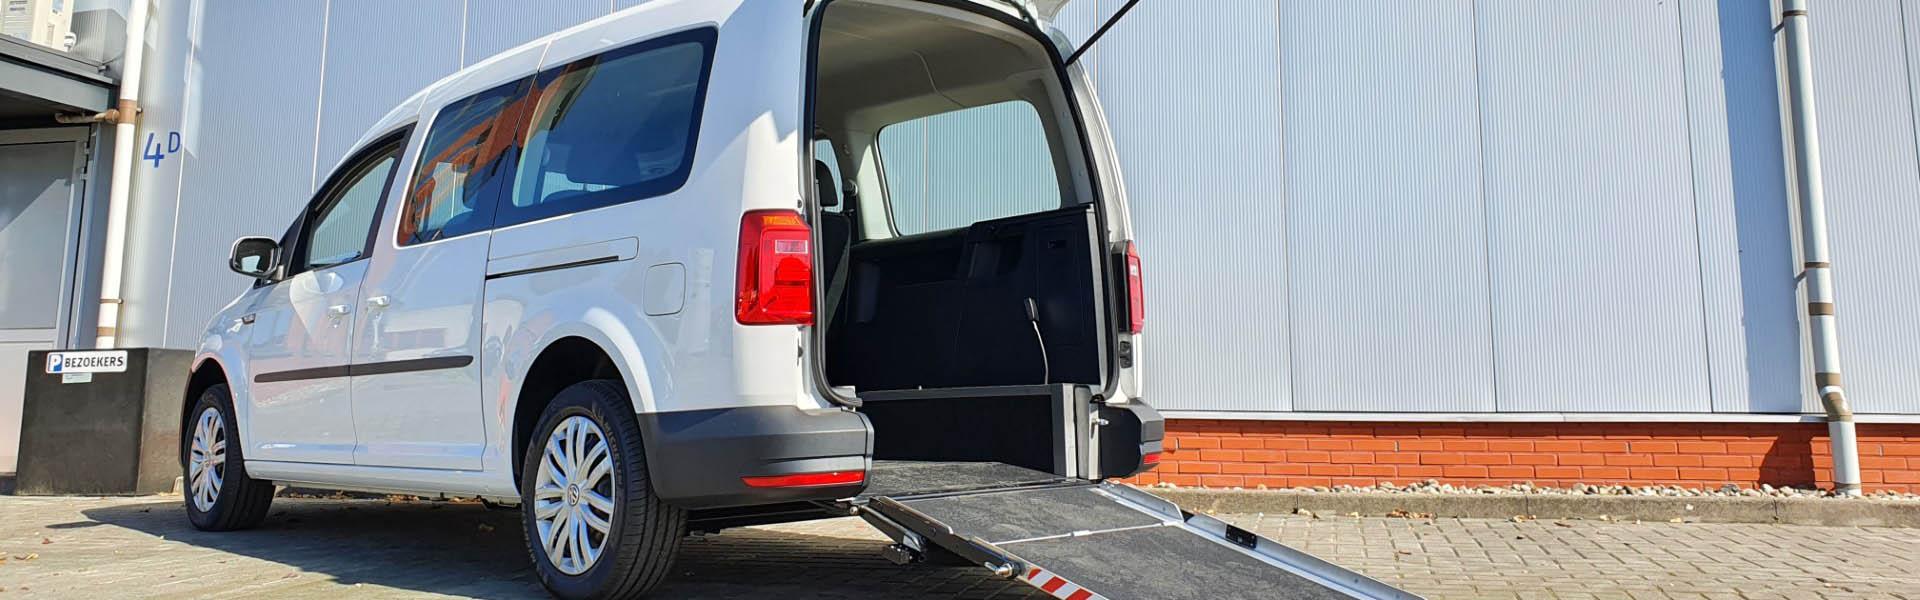 UIT VOORRAAD LEVERBAAR Caddy Maxi Rolstoel vervoer